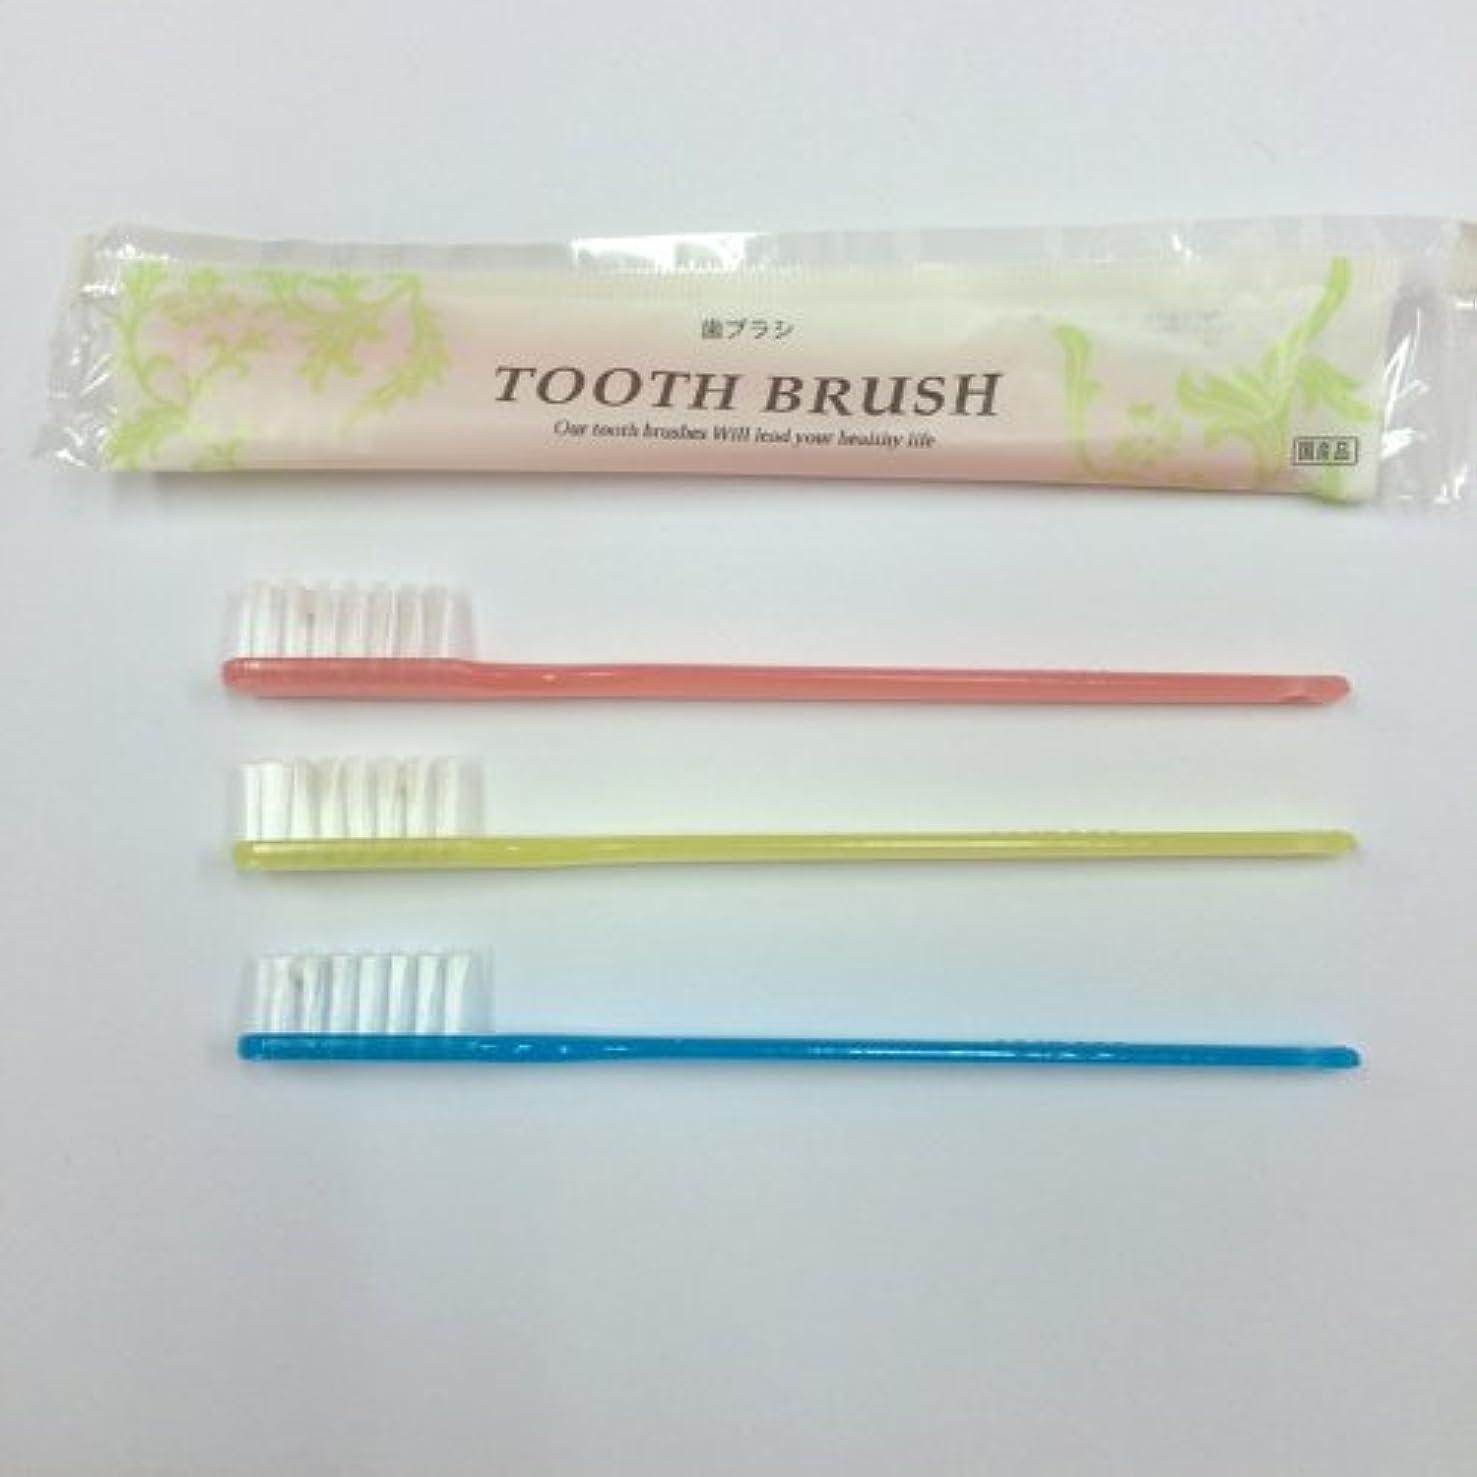 ブラケット平手打ち困惑するインスタント歯ブラシ 3色アソート(ピンク?ブルー?イエロー) 200本